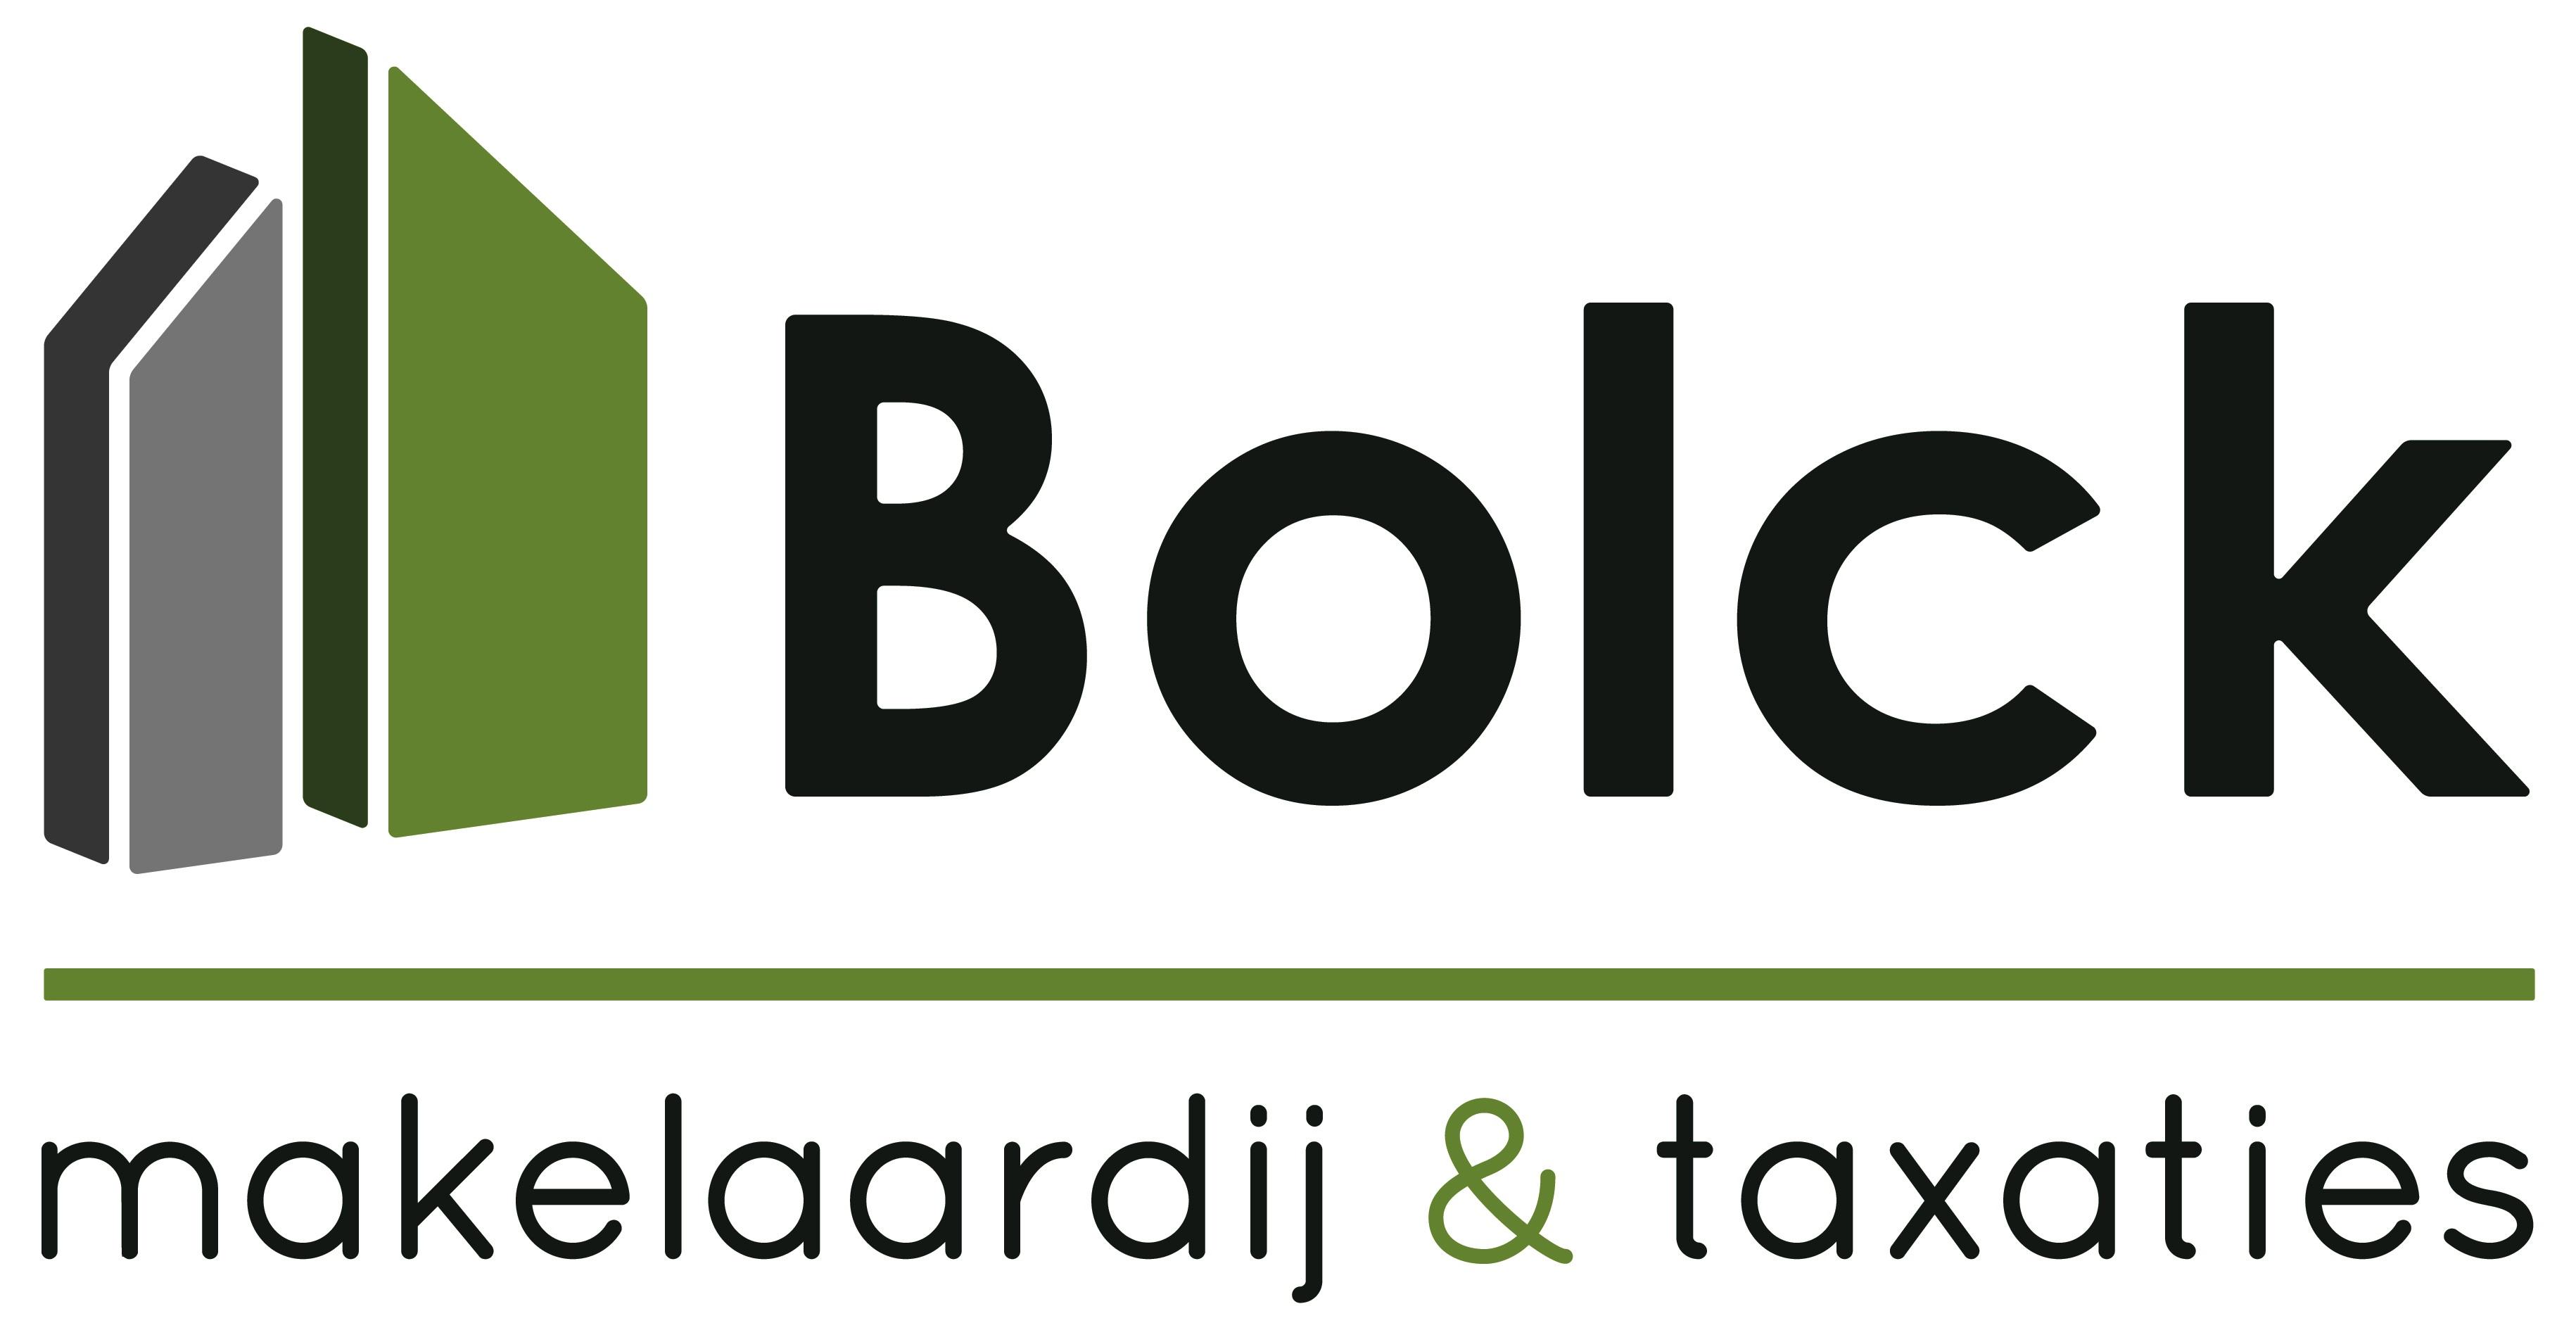 Kantoor Vestiging Bolck Makelaardij & Taxaties B.V.